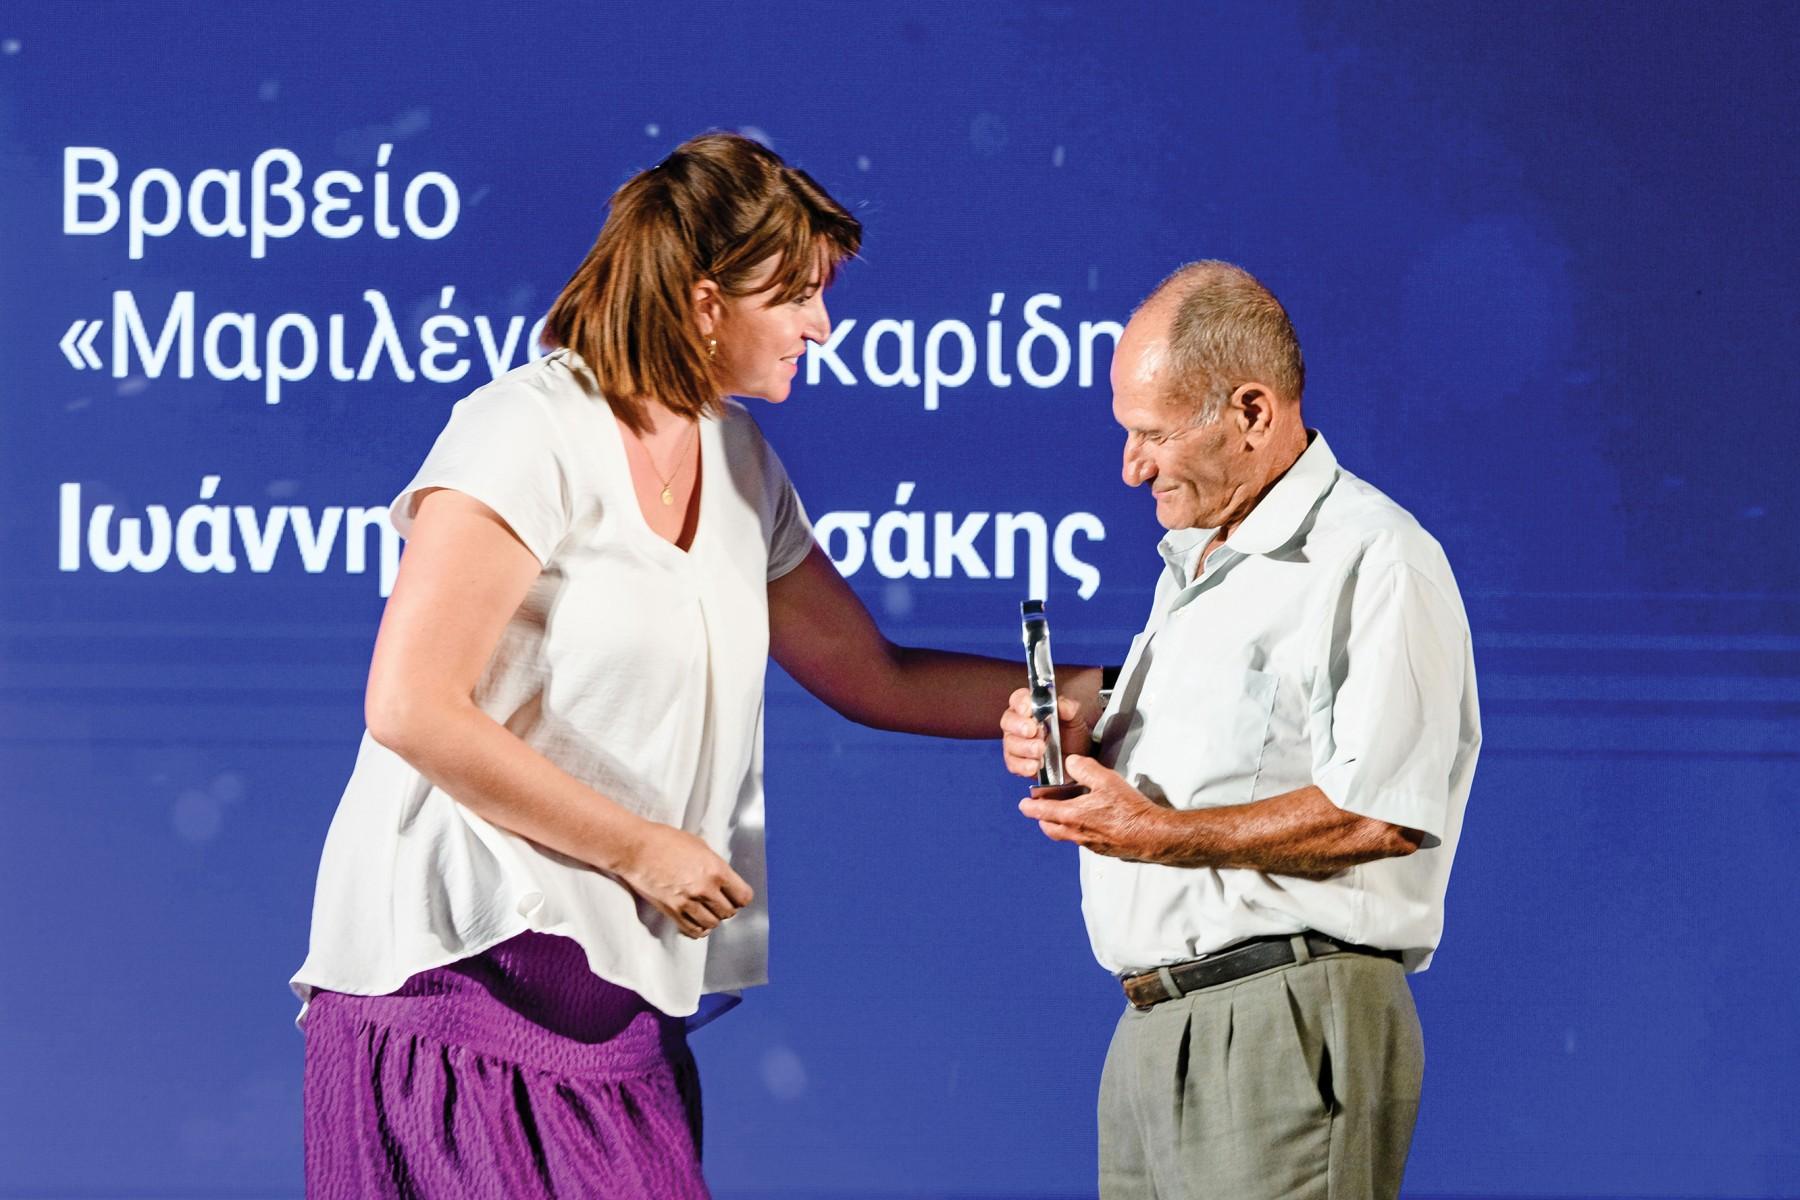 Ο κ. Ιωάννης Μανουσάκης, παραλαμβάνει το  αγαλματίδιο «Ευκράντη» από την κ. Σουζάνα Λασκαρίδη, Γενική  Γραμματέα του Ιδρύματος Αικατερίνης Λασκαρίδη.